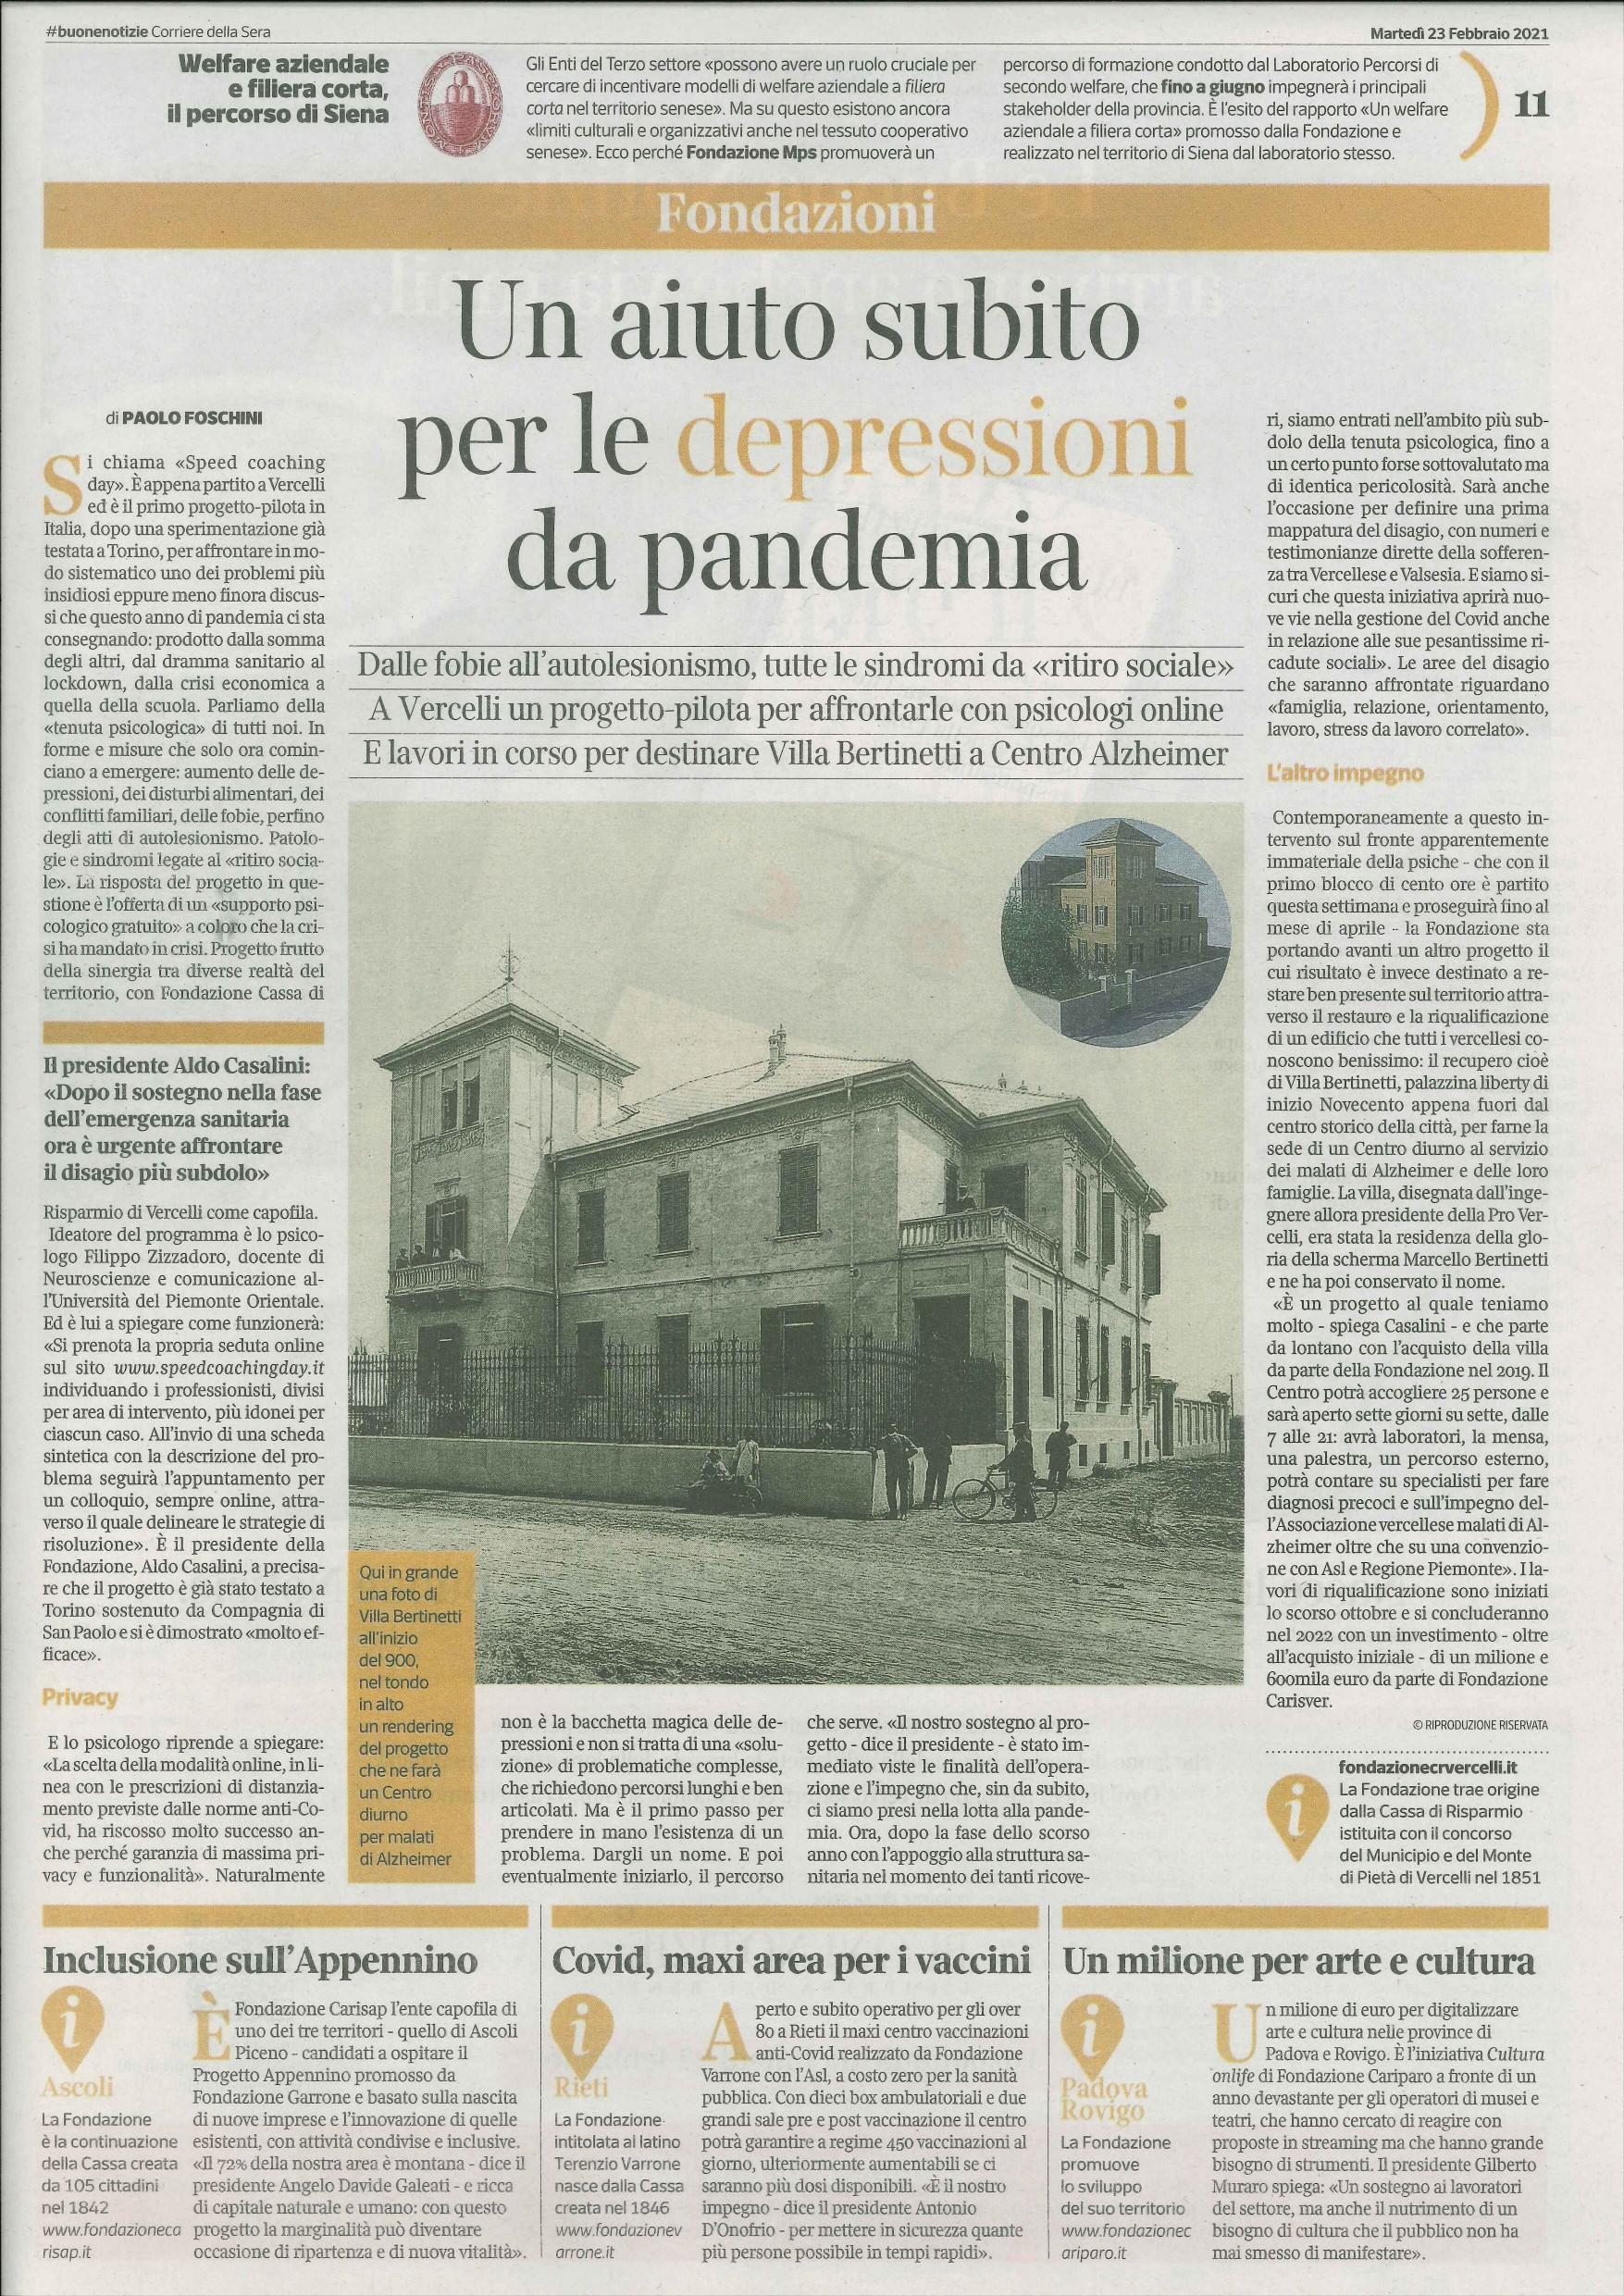 Pagina Corriere della Sera Fondazione CR Vercelli